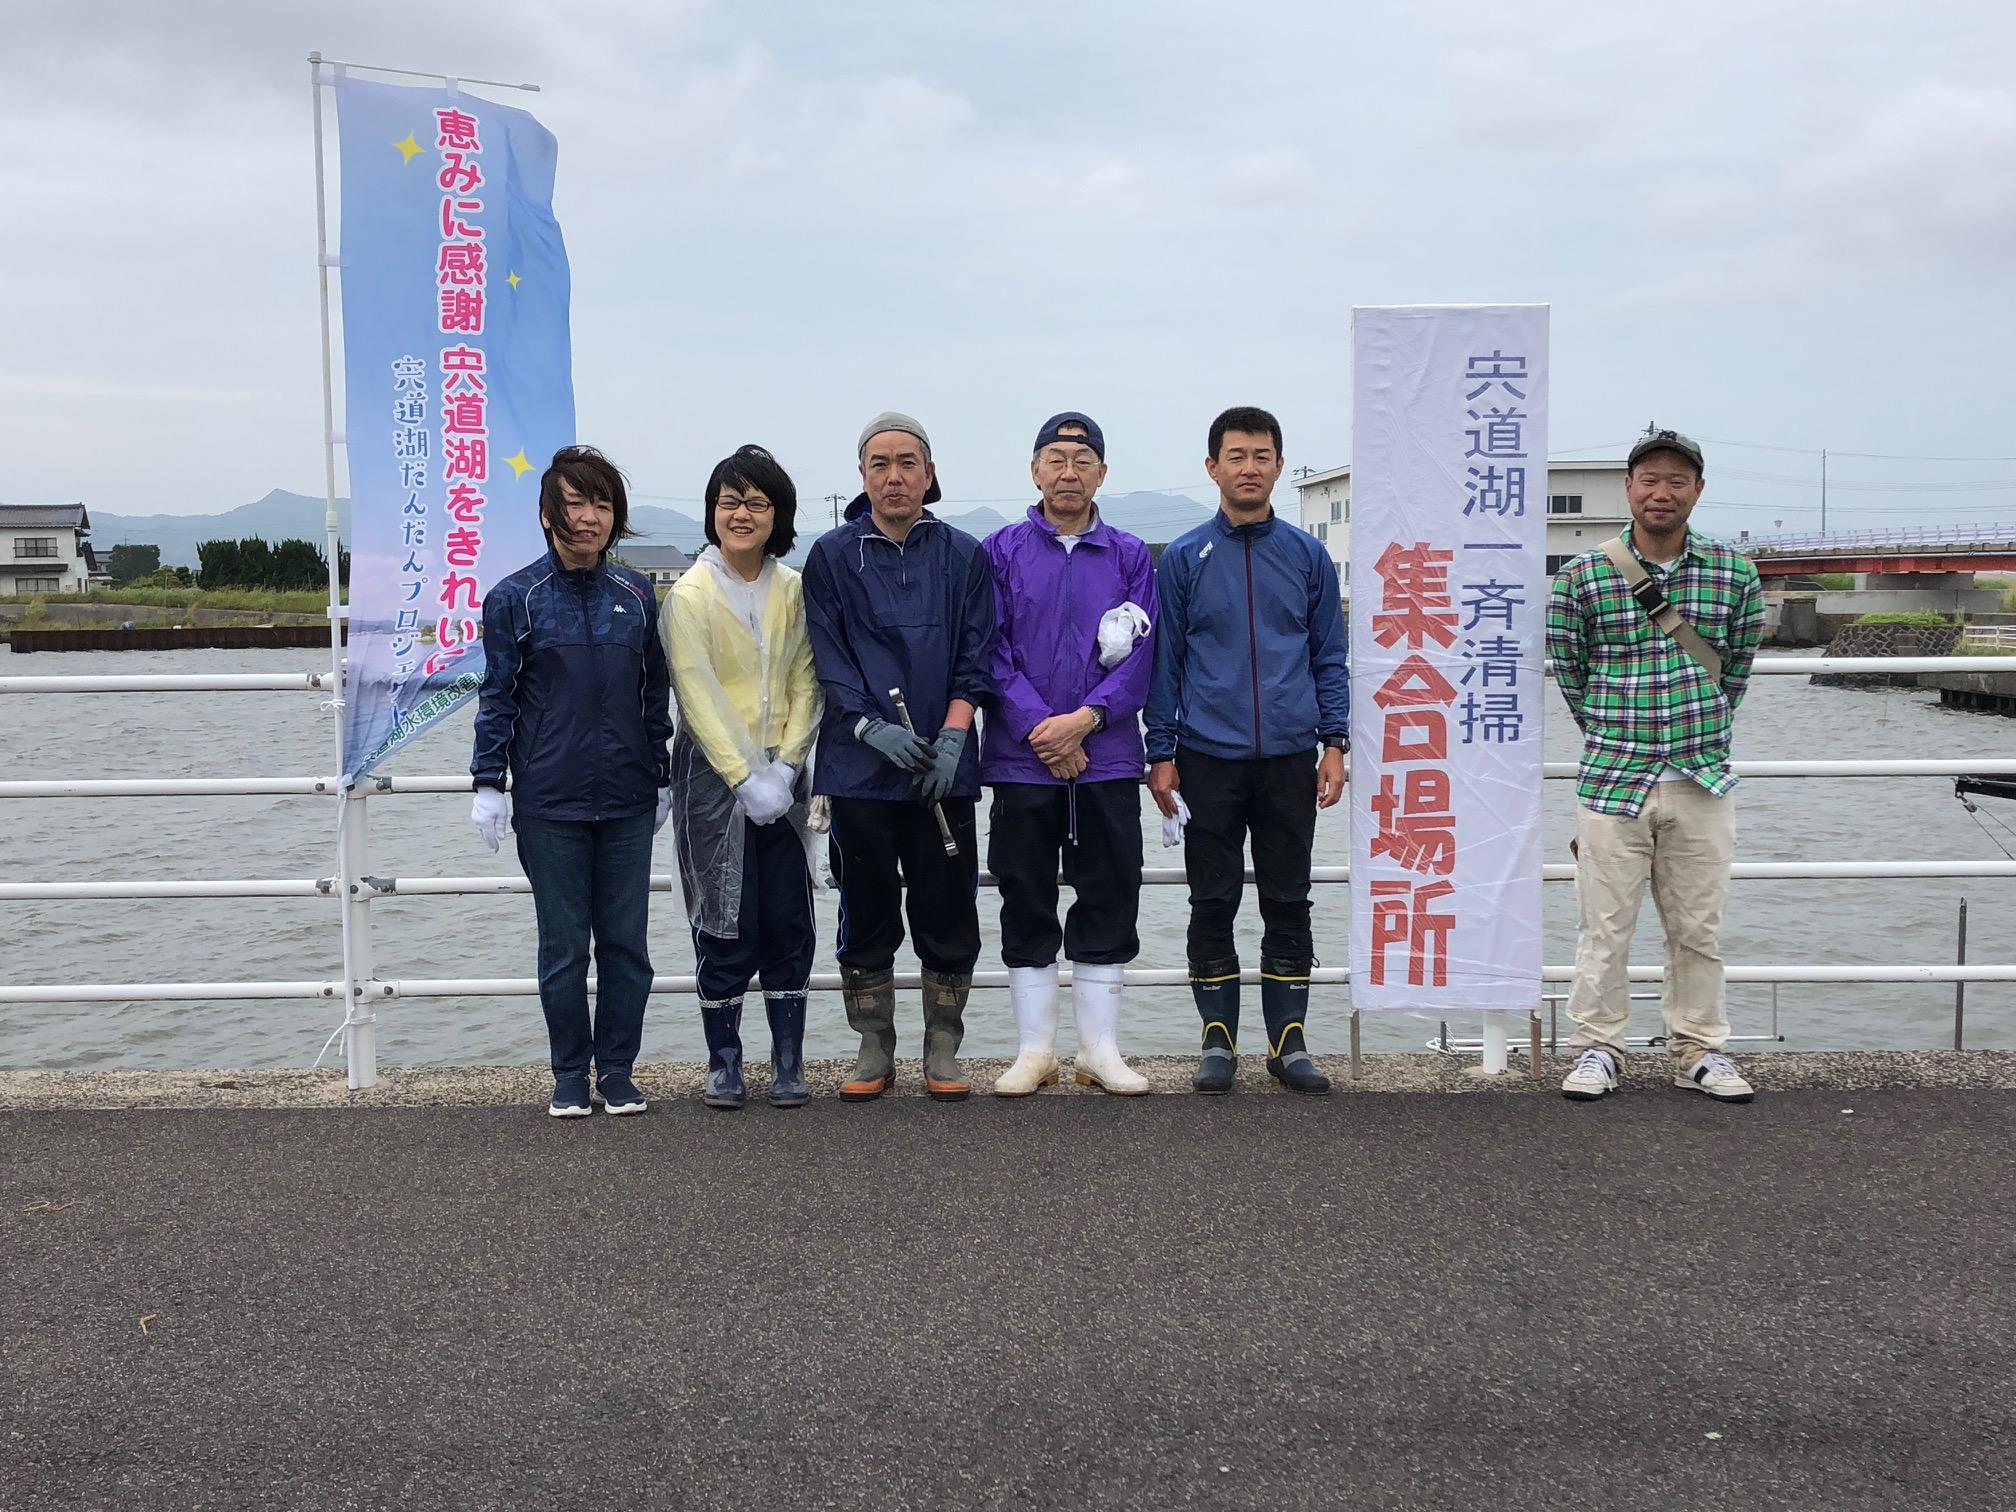 宍道湖一斉清掃h30.6.10